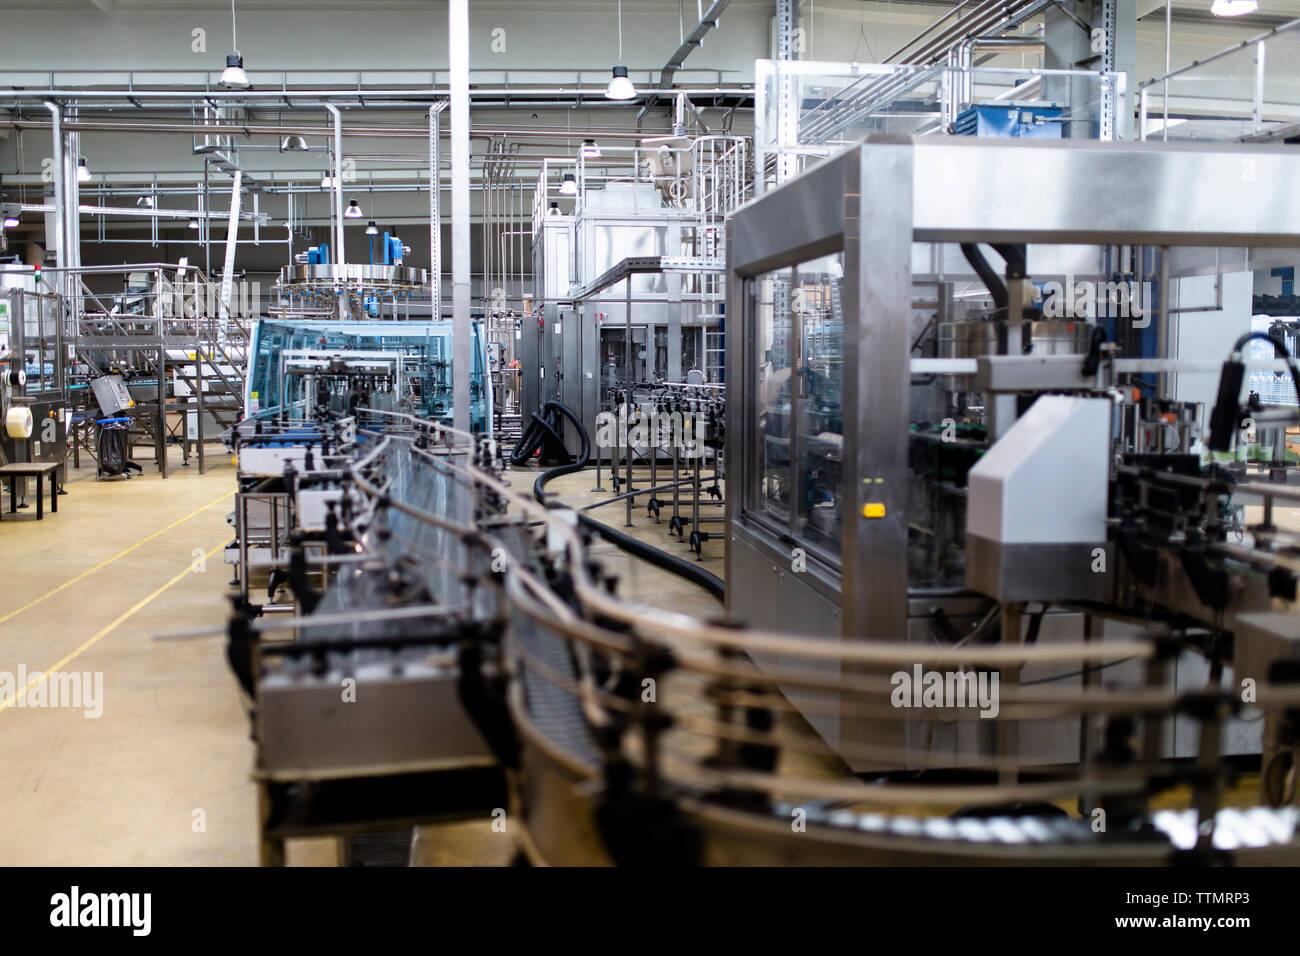 Impianti di imbottigliamento in fabbrica Foto Stock